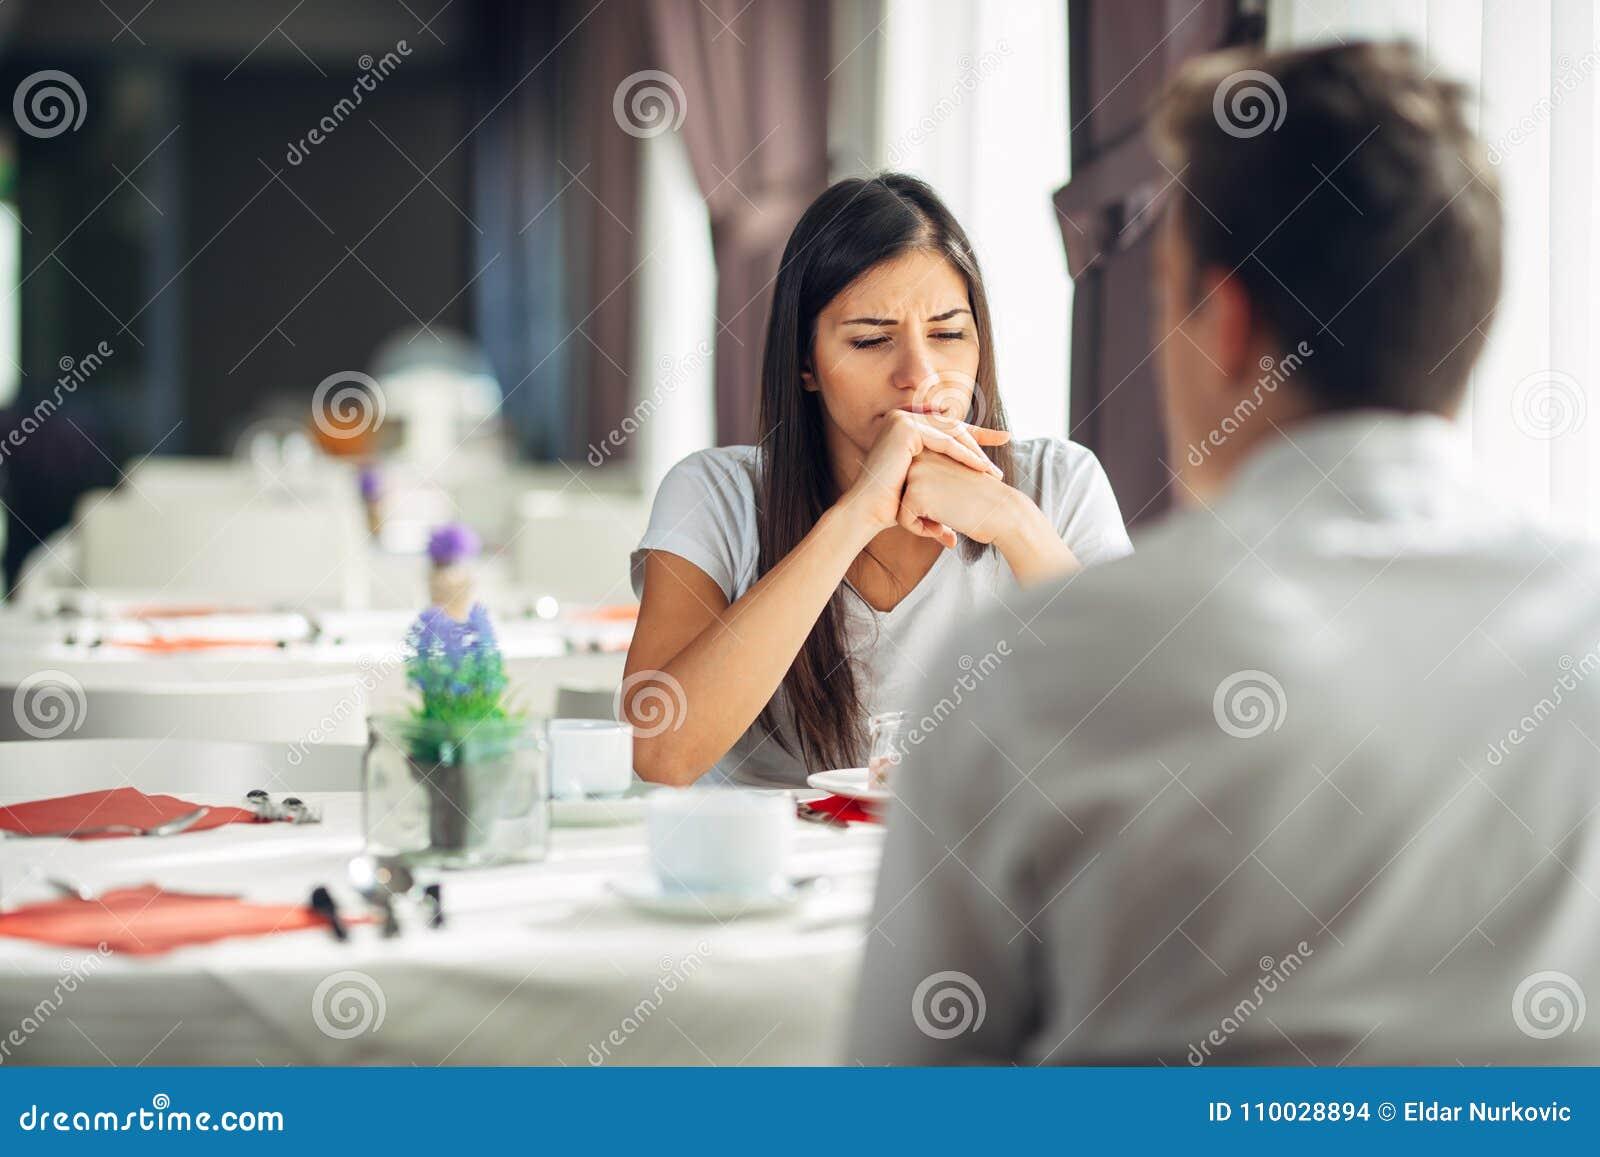 Femme songeuse distraite pensant, conversation de écoute Problèmes mentaux émotifs Questions dans le mariage et les relations